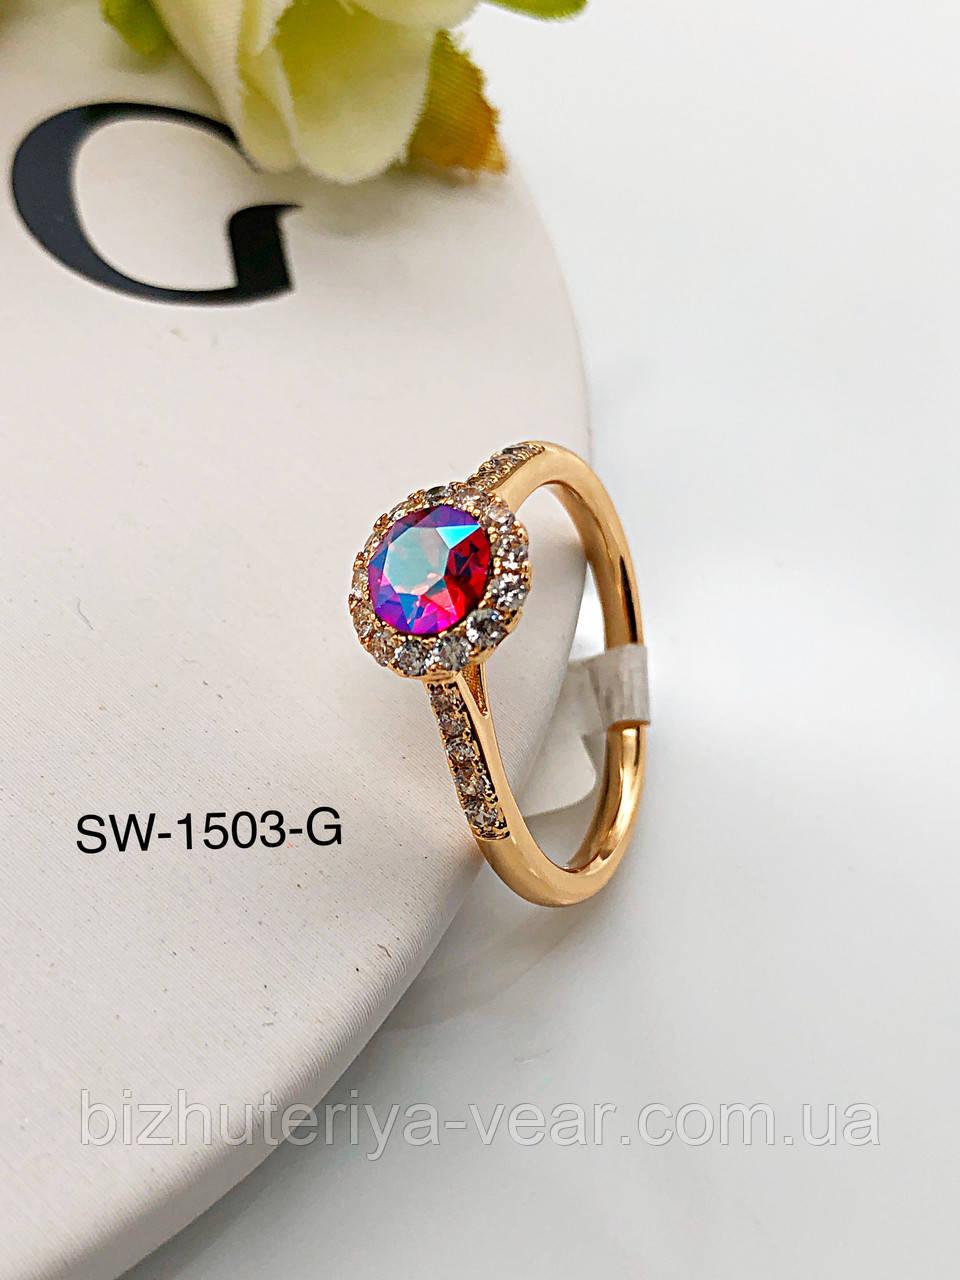 КОЛЬЦО XUPING SWAROVSKI Sw-1503(7,8)